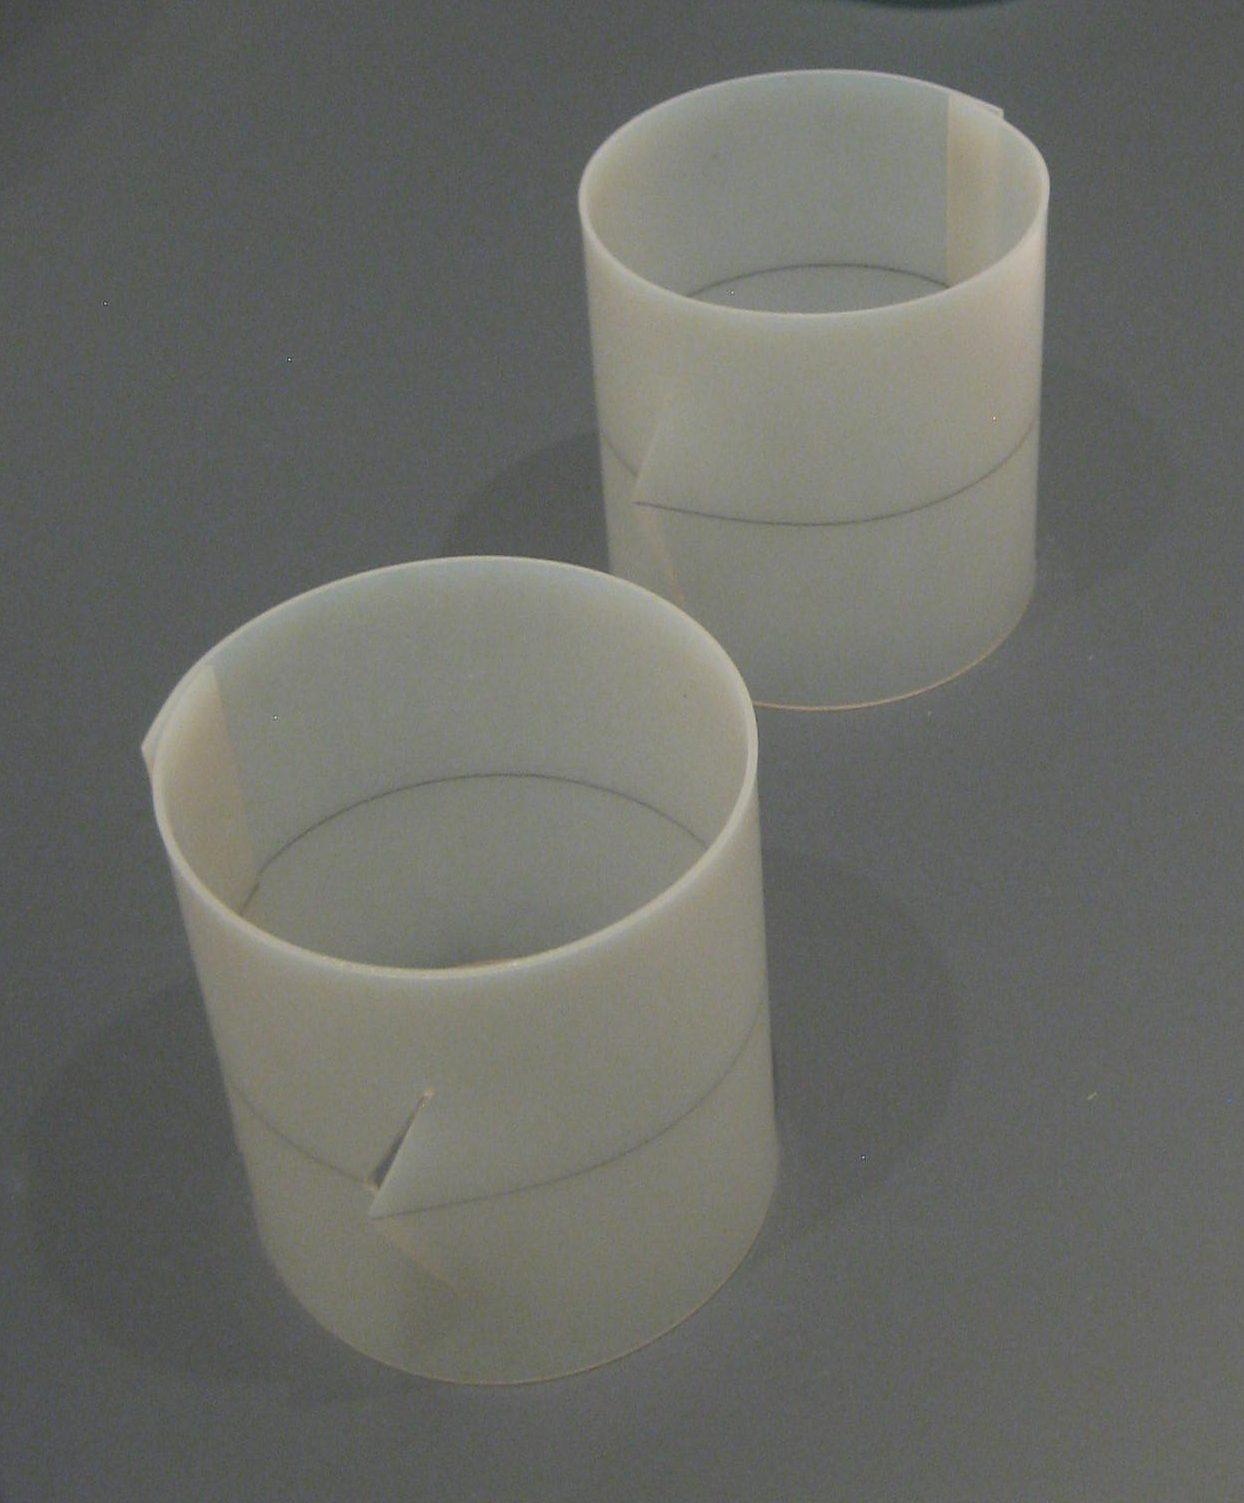 Emmy van Leersum, armbanden, 1975. Toen Emmy nu Gijs. Collectie Design Museum Den Bosch, kunststof